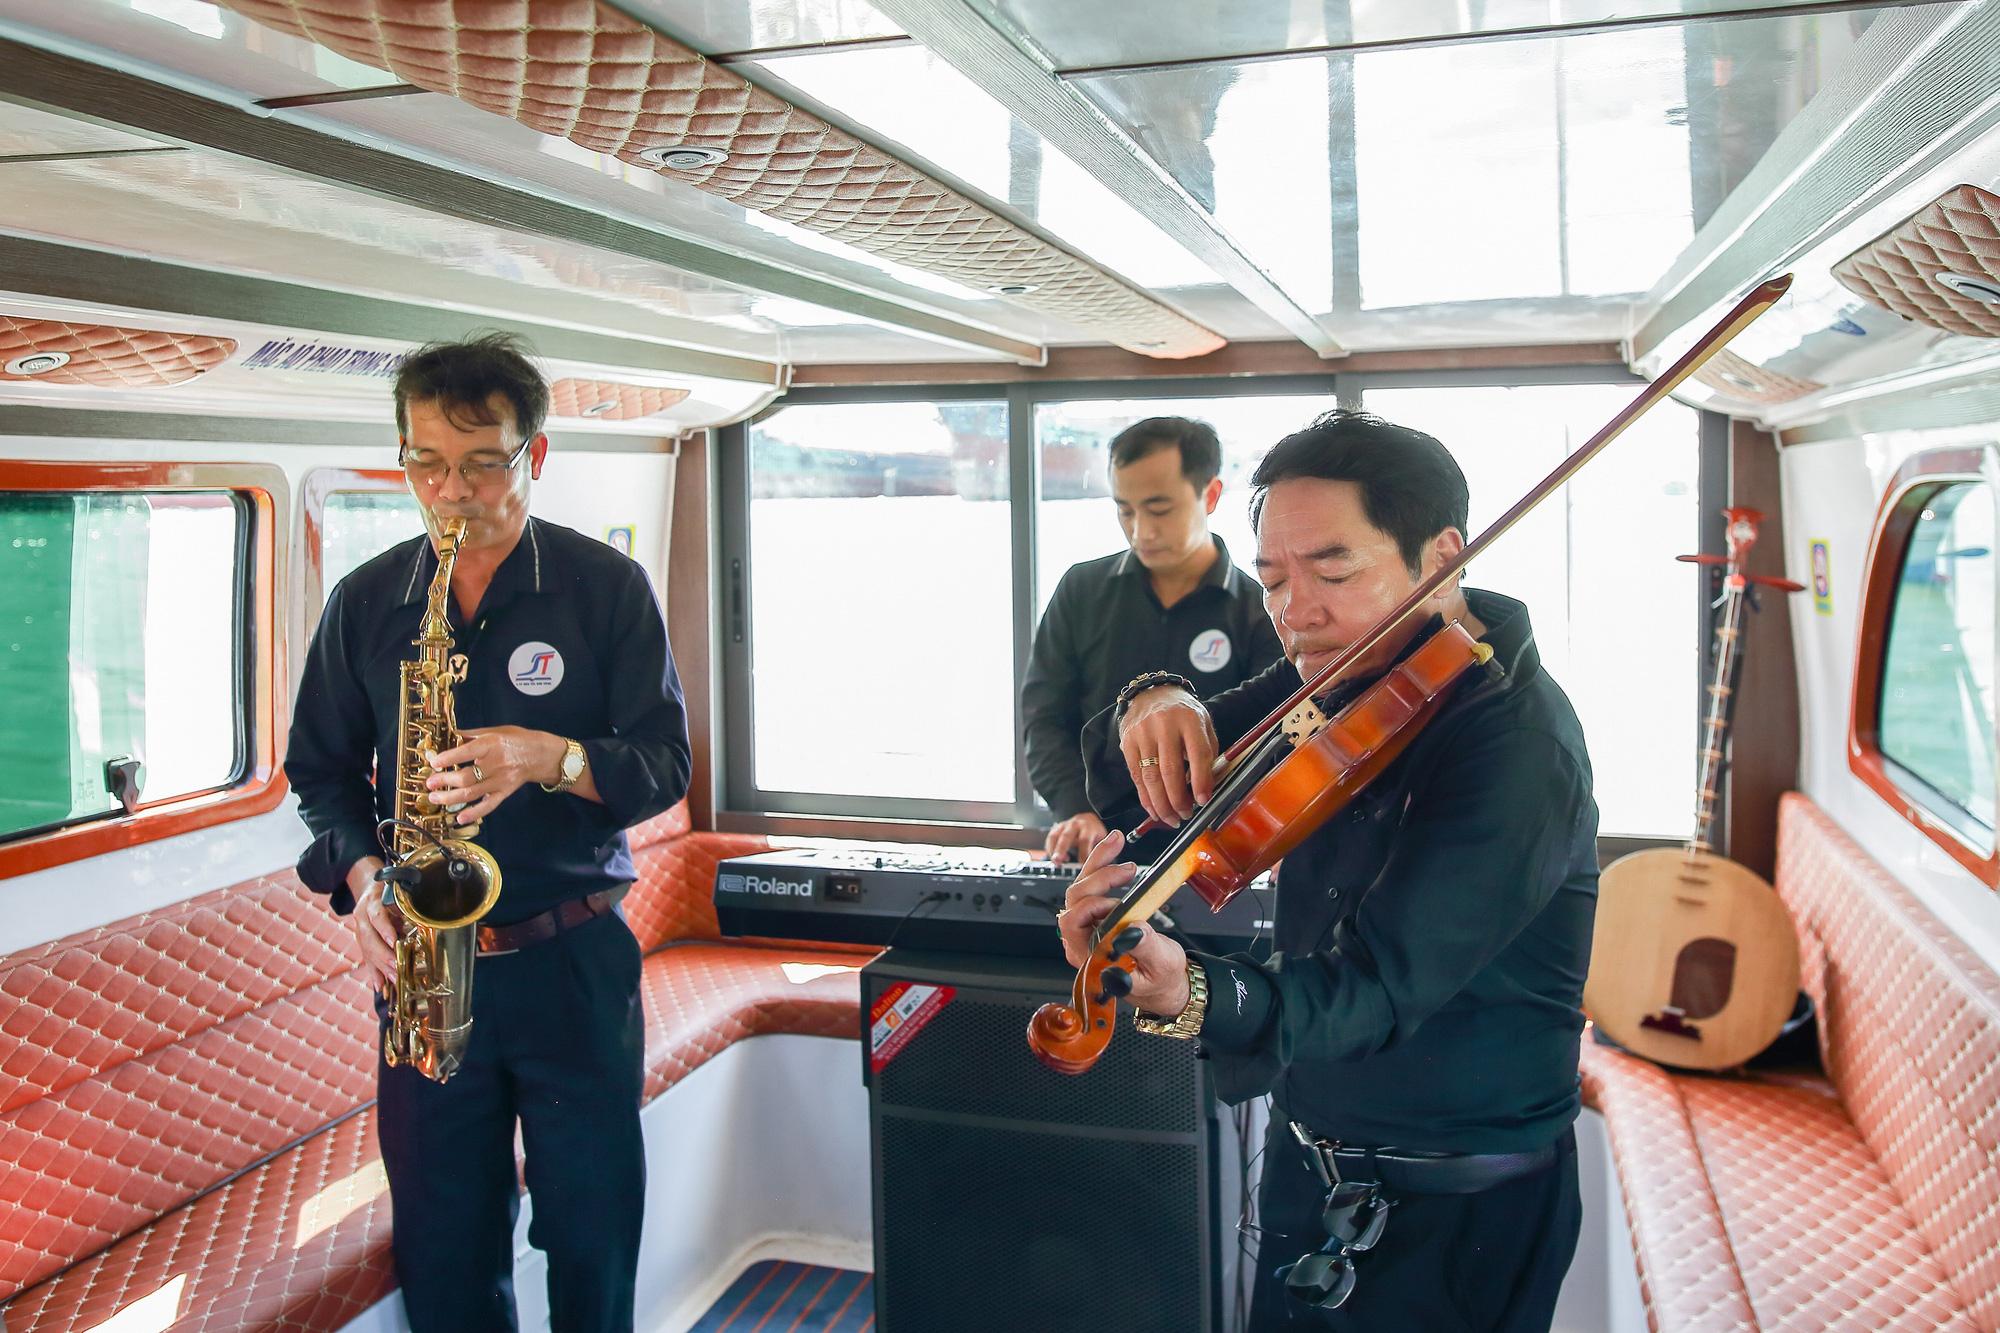 Năm 2021, tỉnh Bình Định kỳ vọng đón 4 triệu lượt khách du lịch, doanh thu 5.200 tỷ đồng - Ảnh 5.